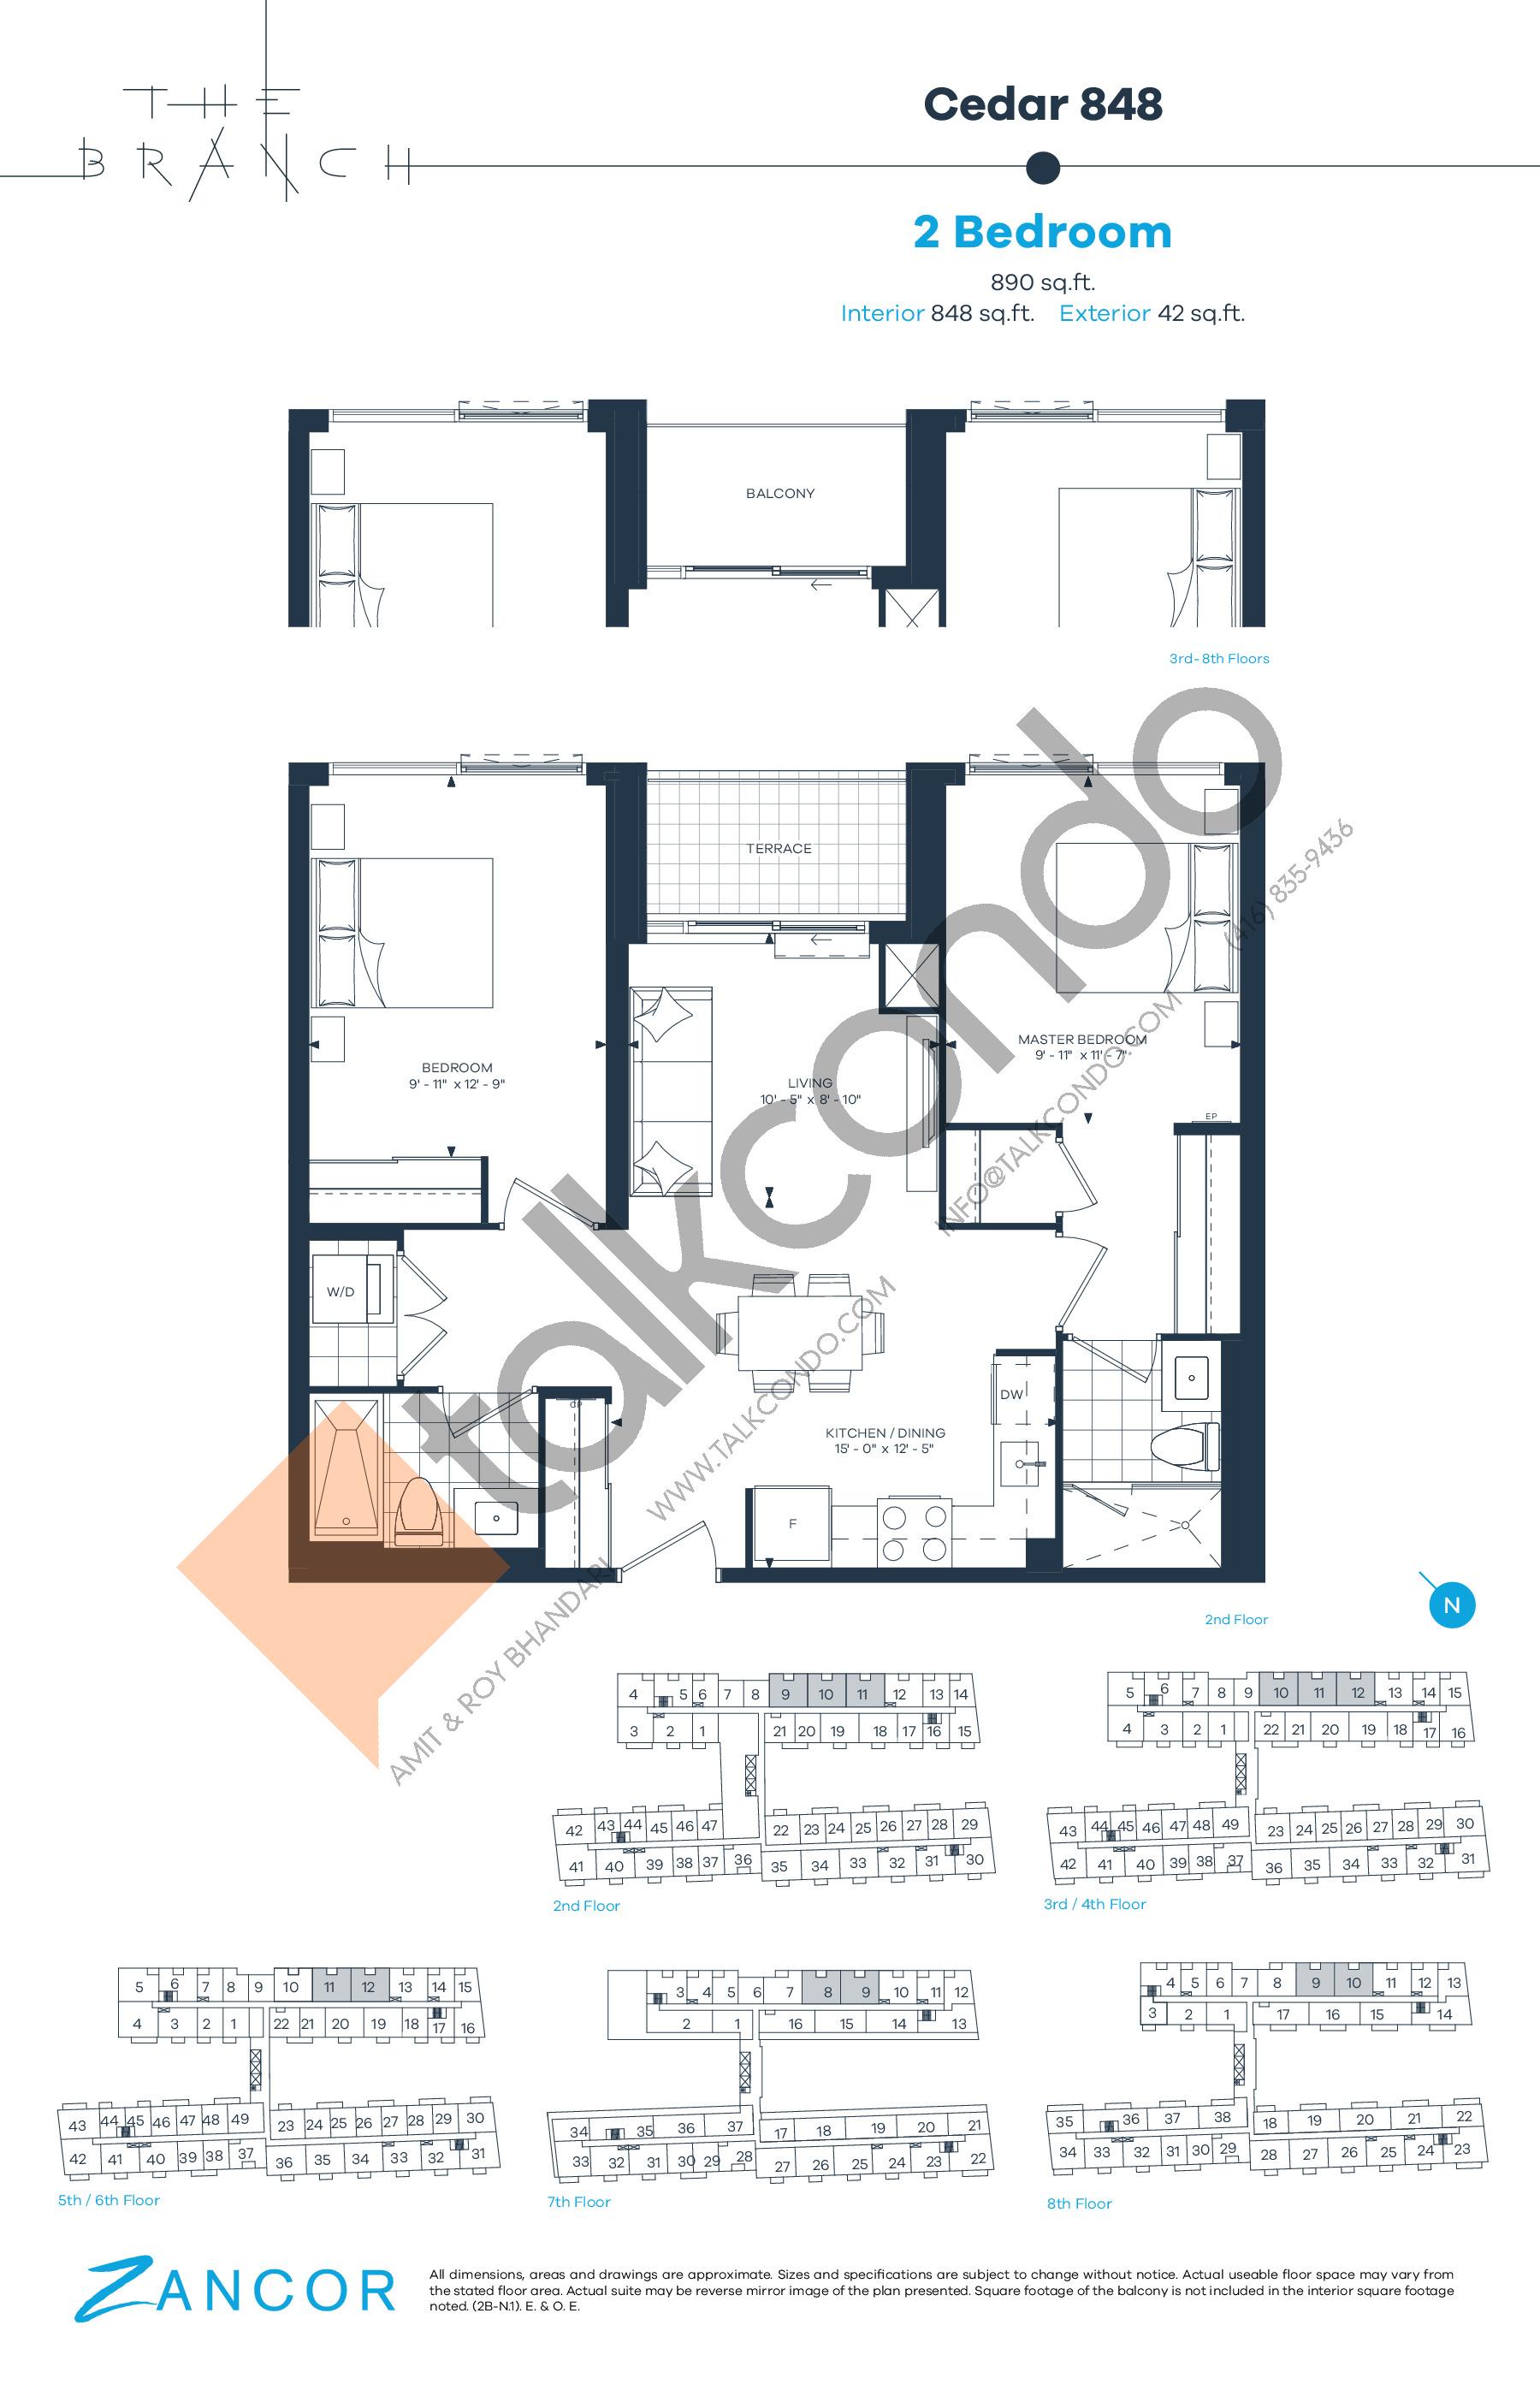 Cedar 848 Floor Plan at The Branch Condos - 848 sq.ft